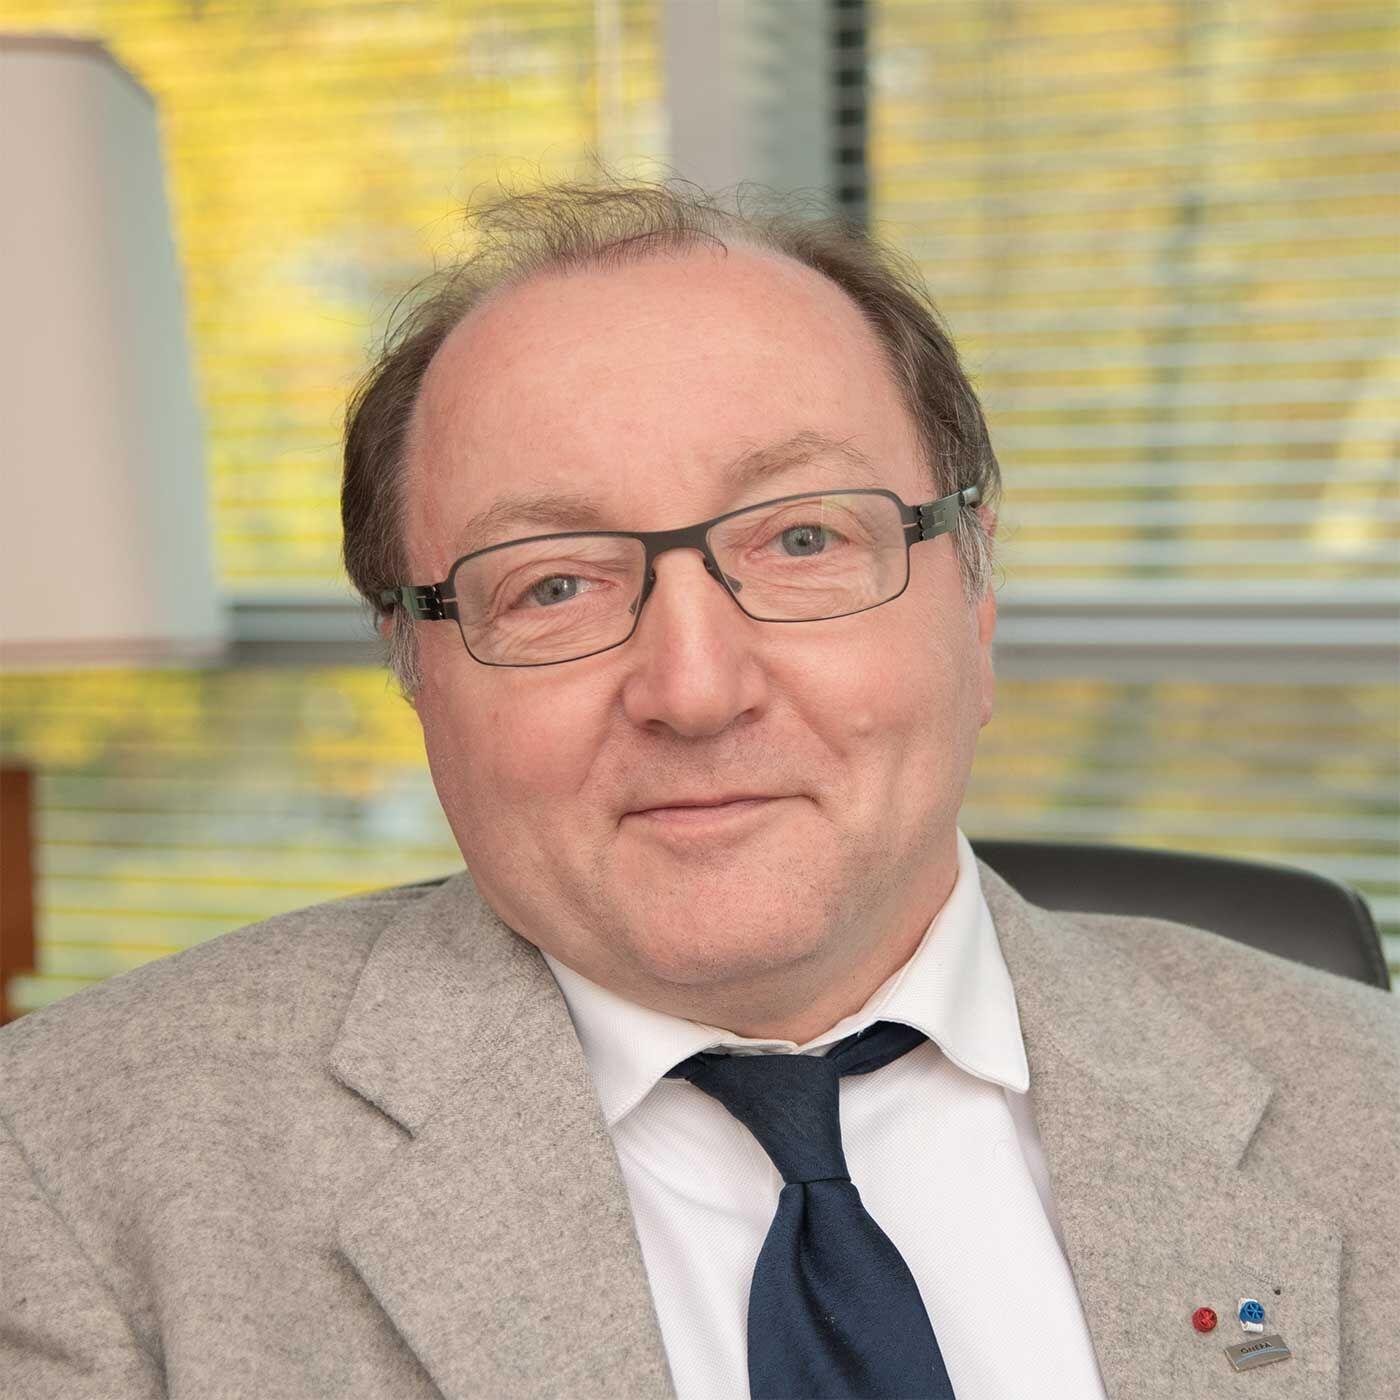 Entretien avec Bruno Sainjon, Président Directeur général de l'Onera